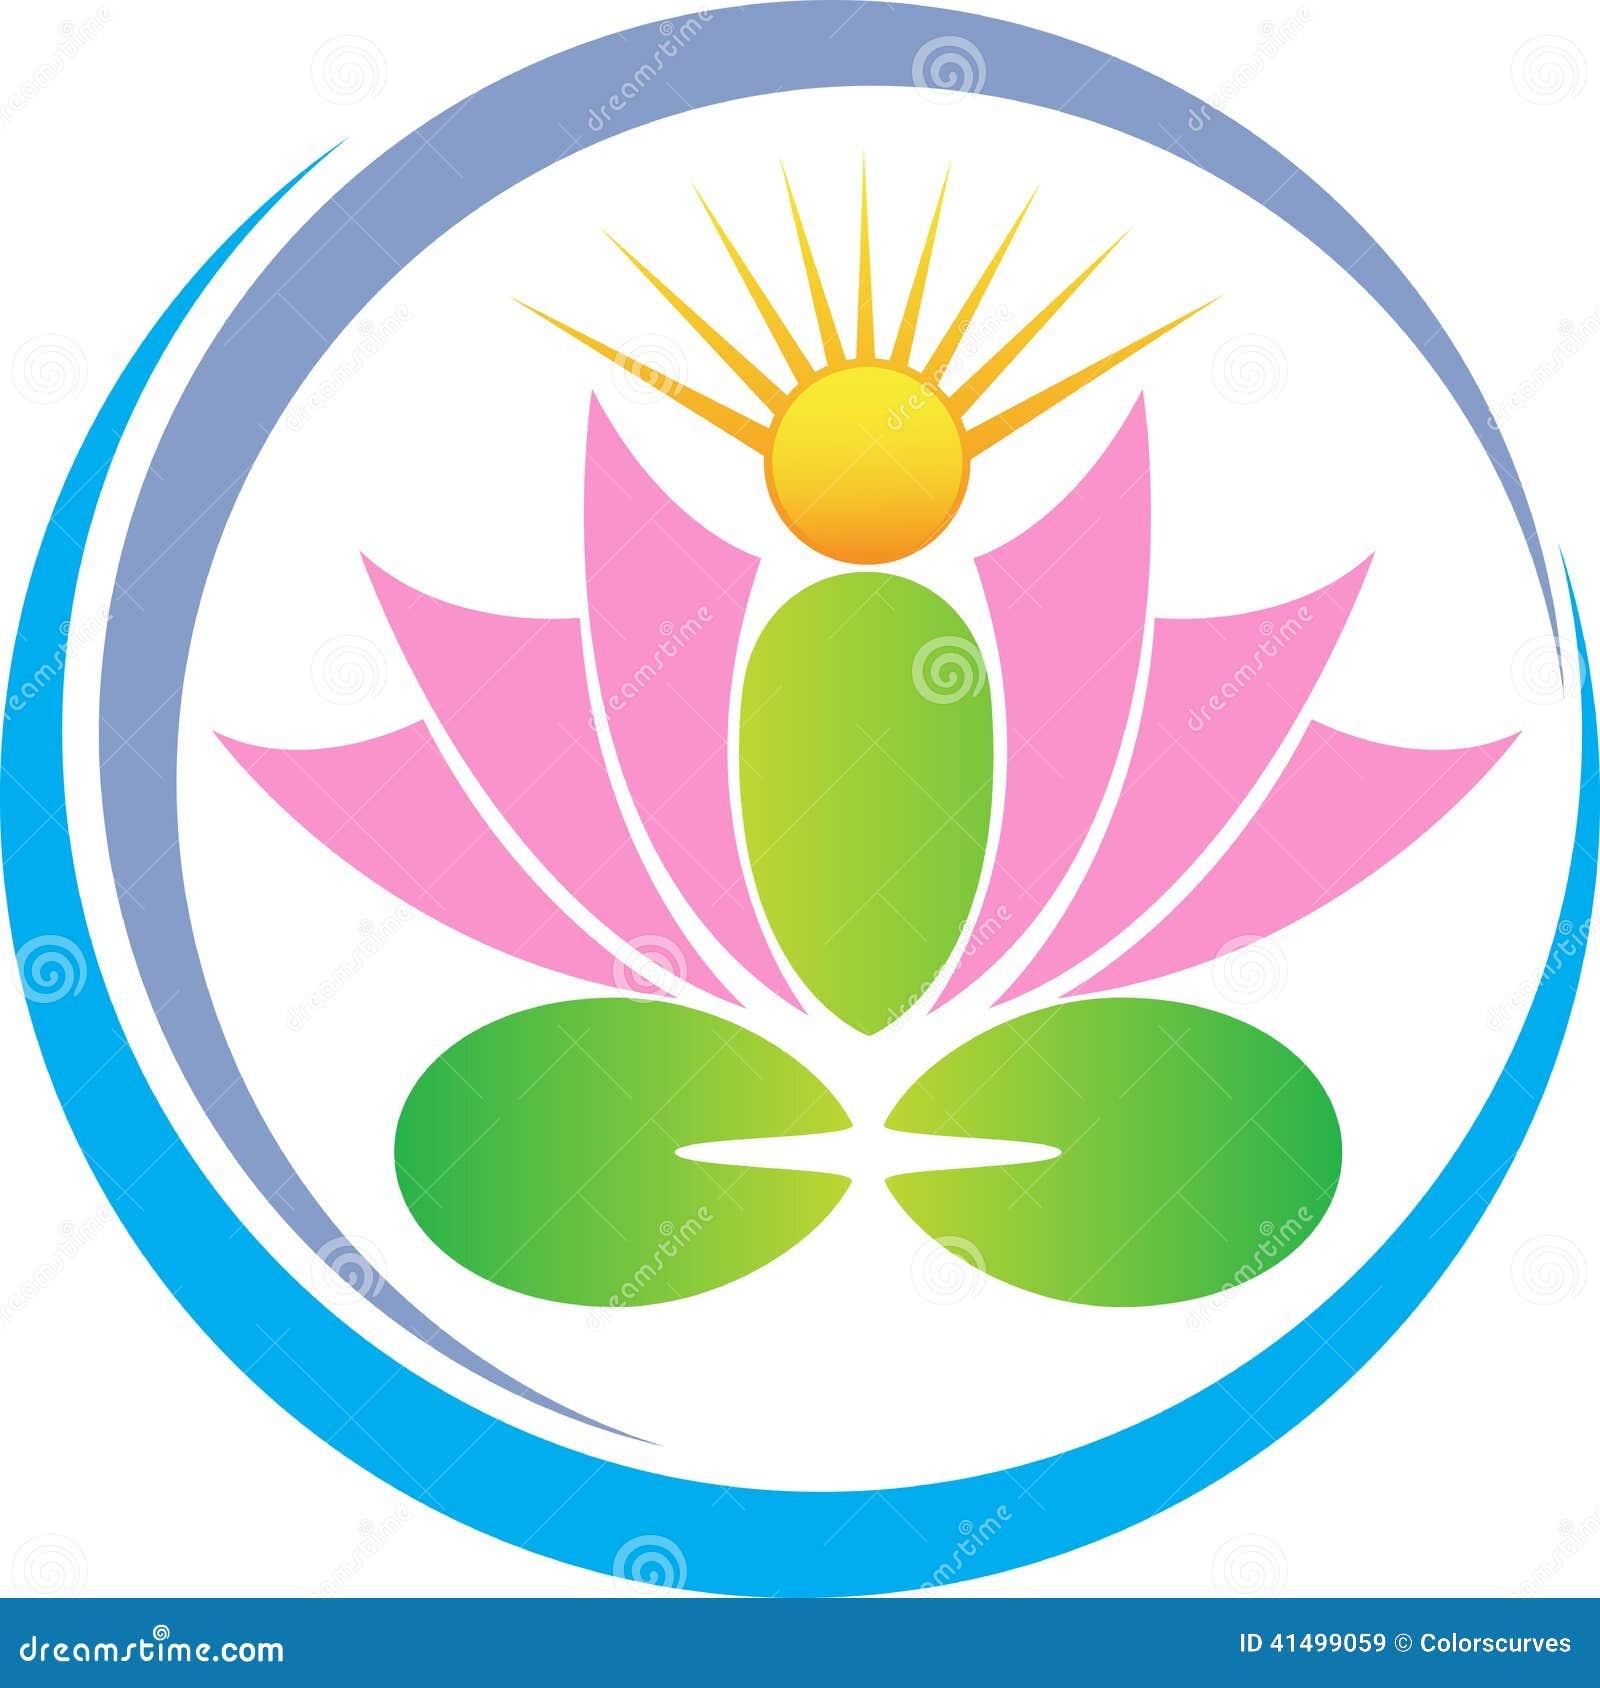 Meditation Lotus Stock Illustrations – 20,027 Meditation ...